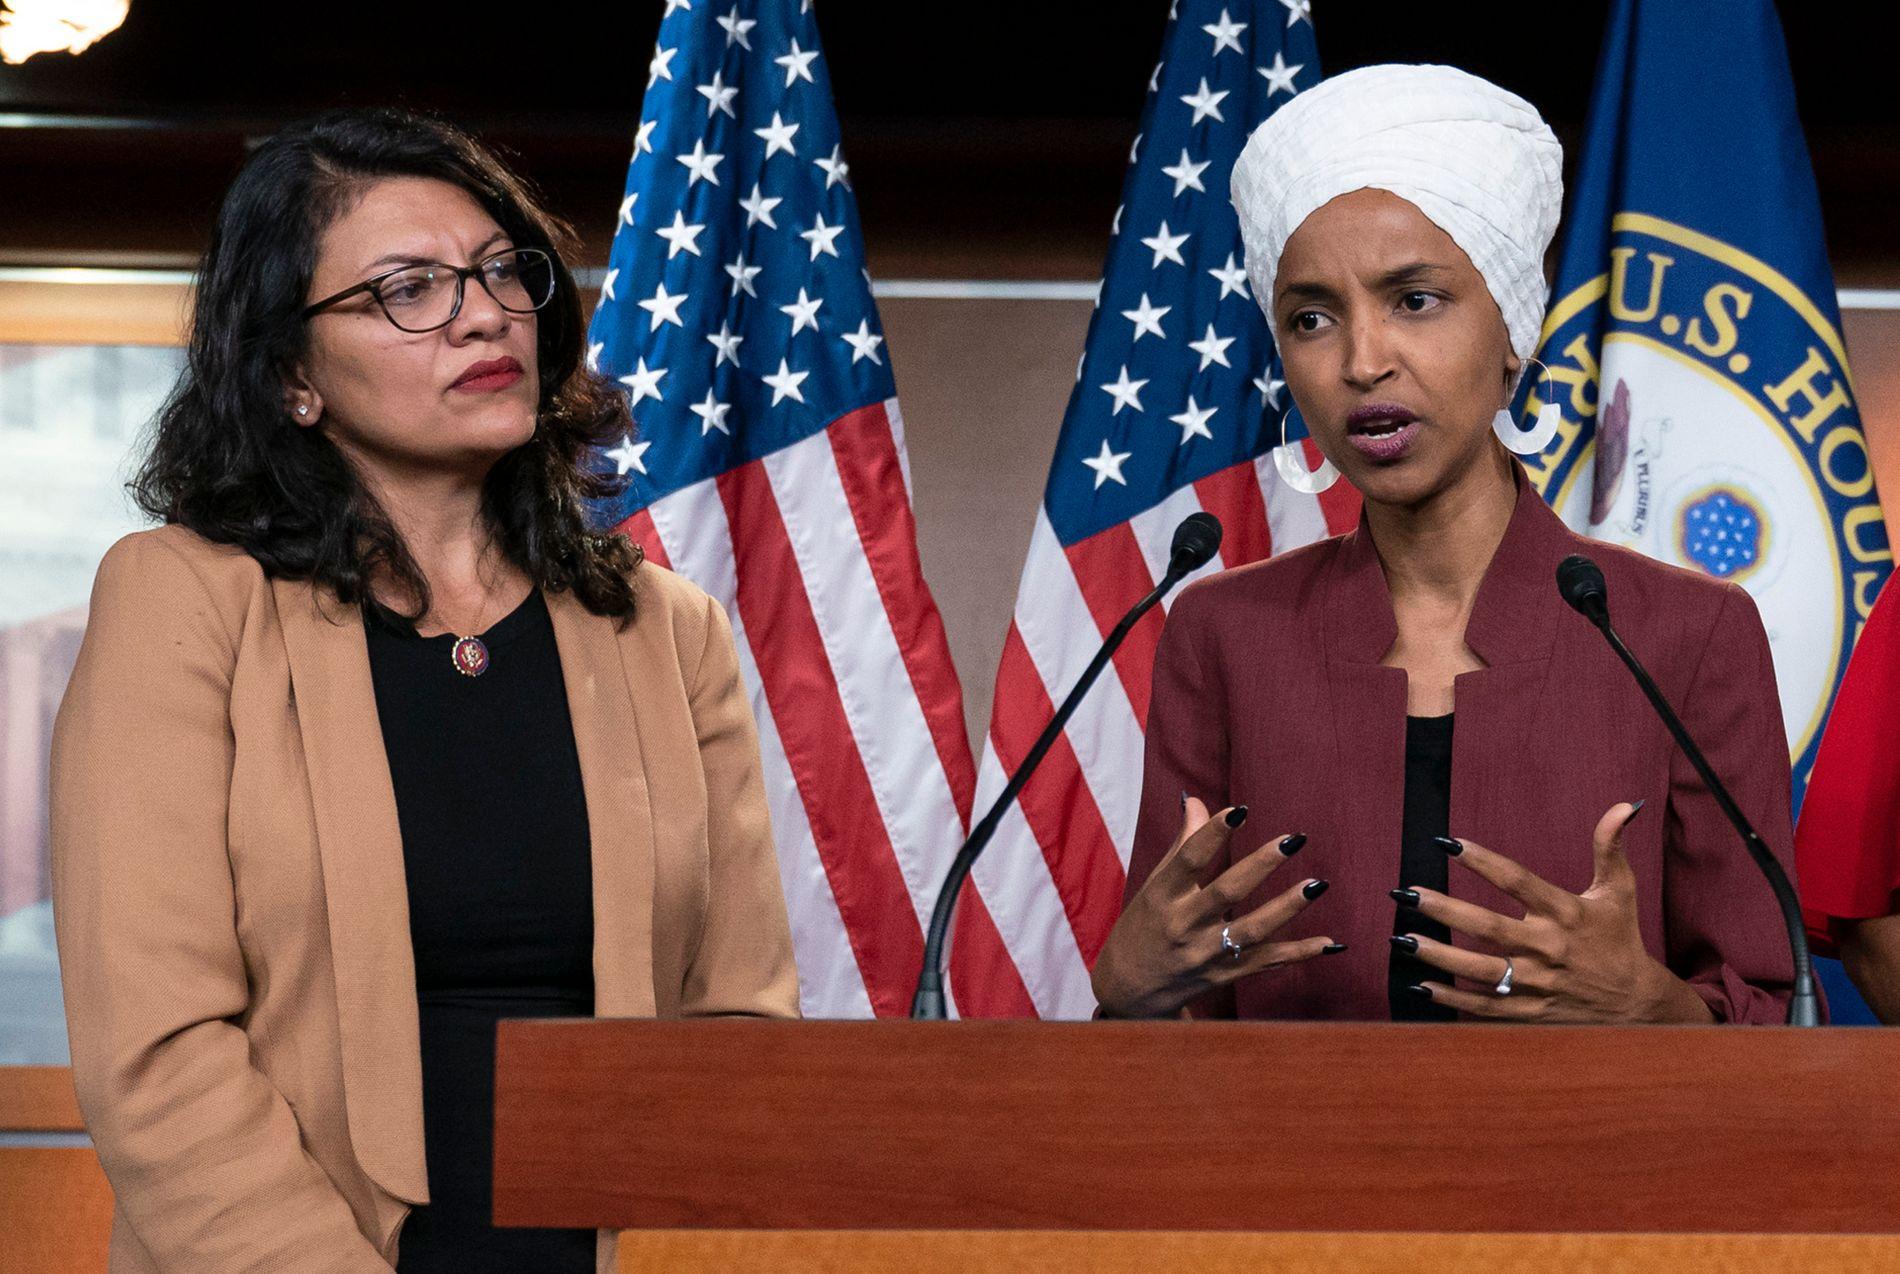 BLE NEKTET: Kongressmedlemmene Ilhan Omar (til høyre) og Rashida Tlaib sitter i Representantenes hus i den amerikanske kongressen. Torsdag ble de nektet innreise til Israel.